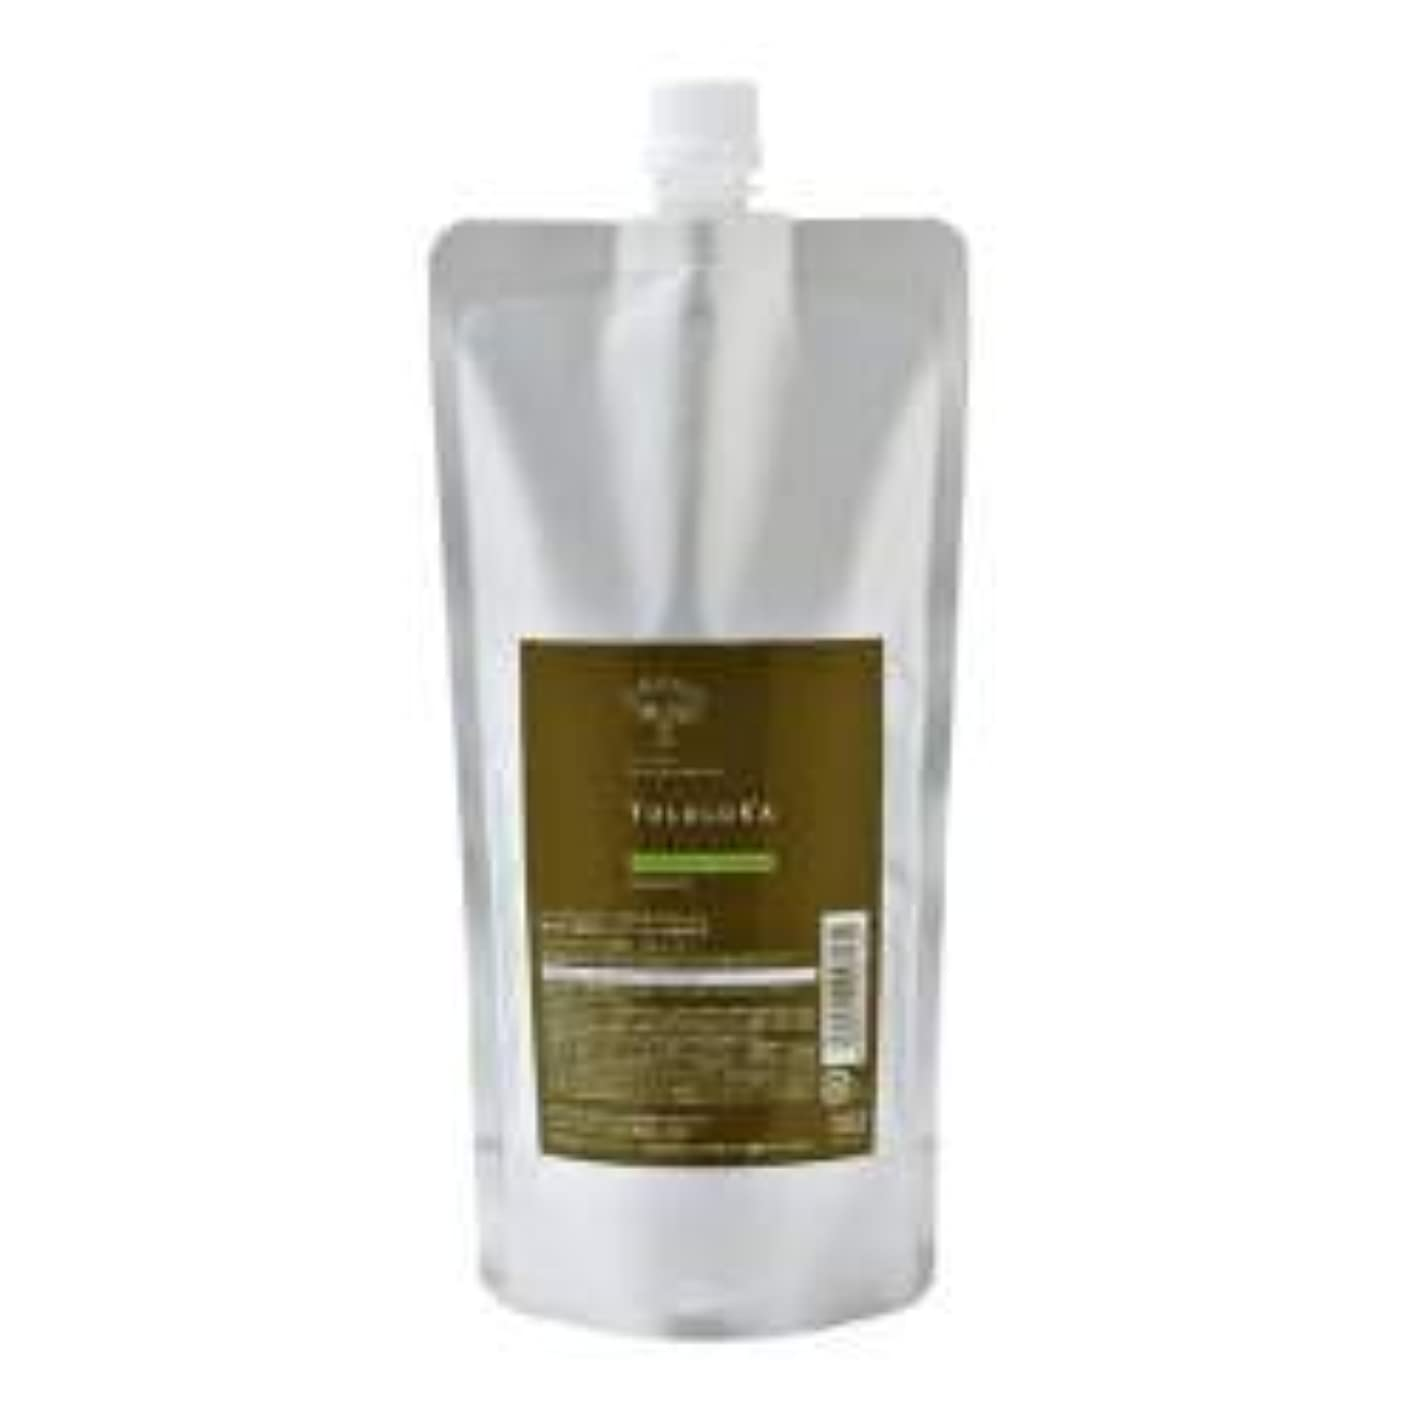 食物中毒艶ユルルカ ハーバルバンブー スキャルプウォッシュ詰替用(医薬部外品)(500mL)